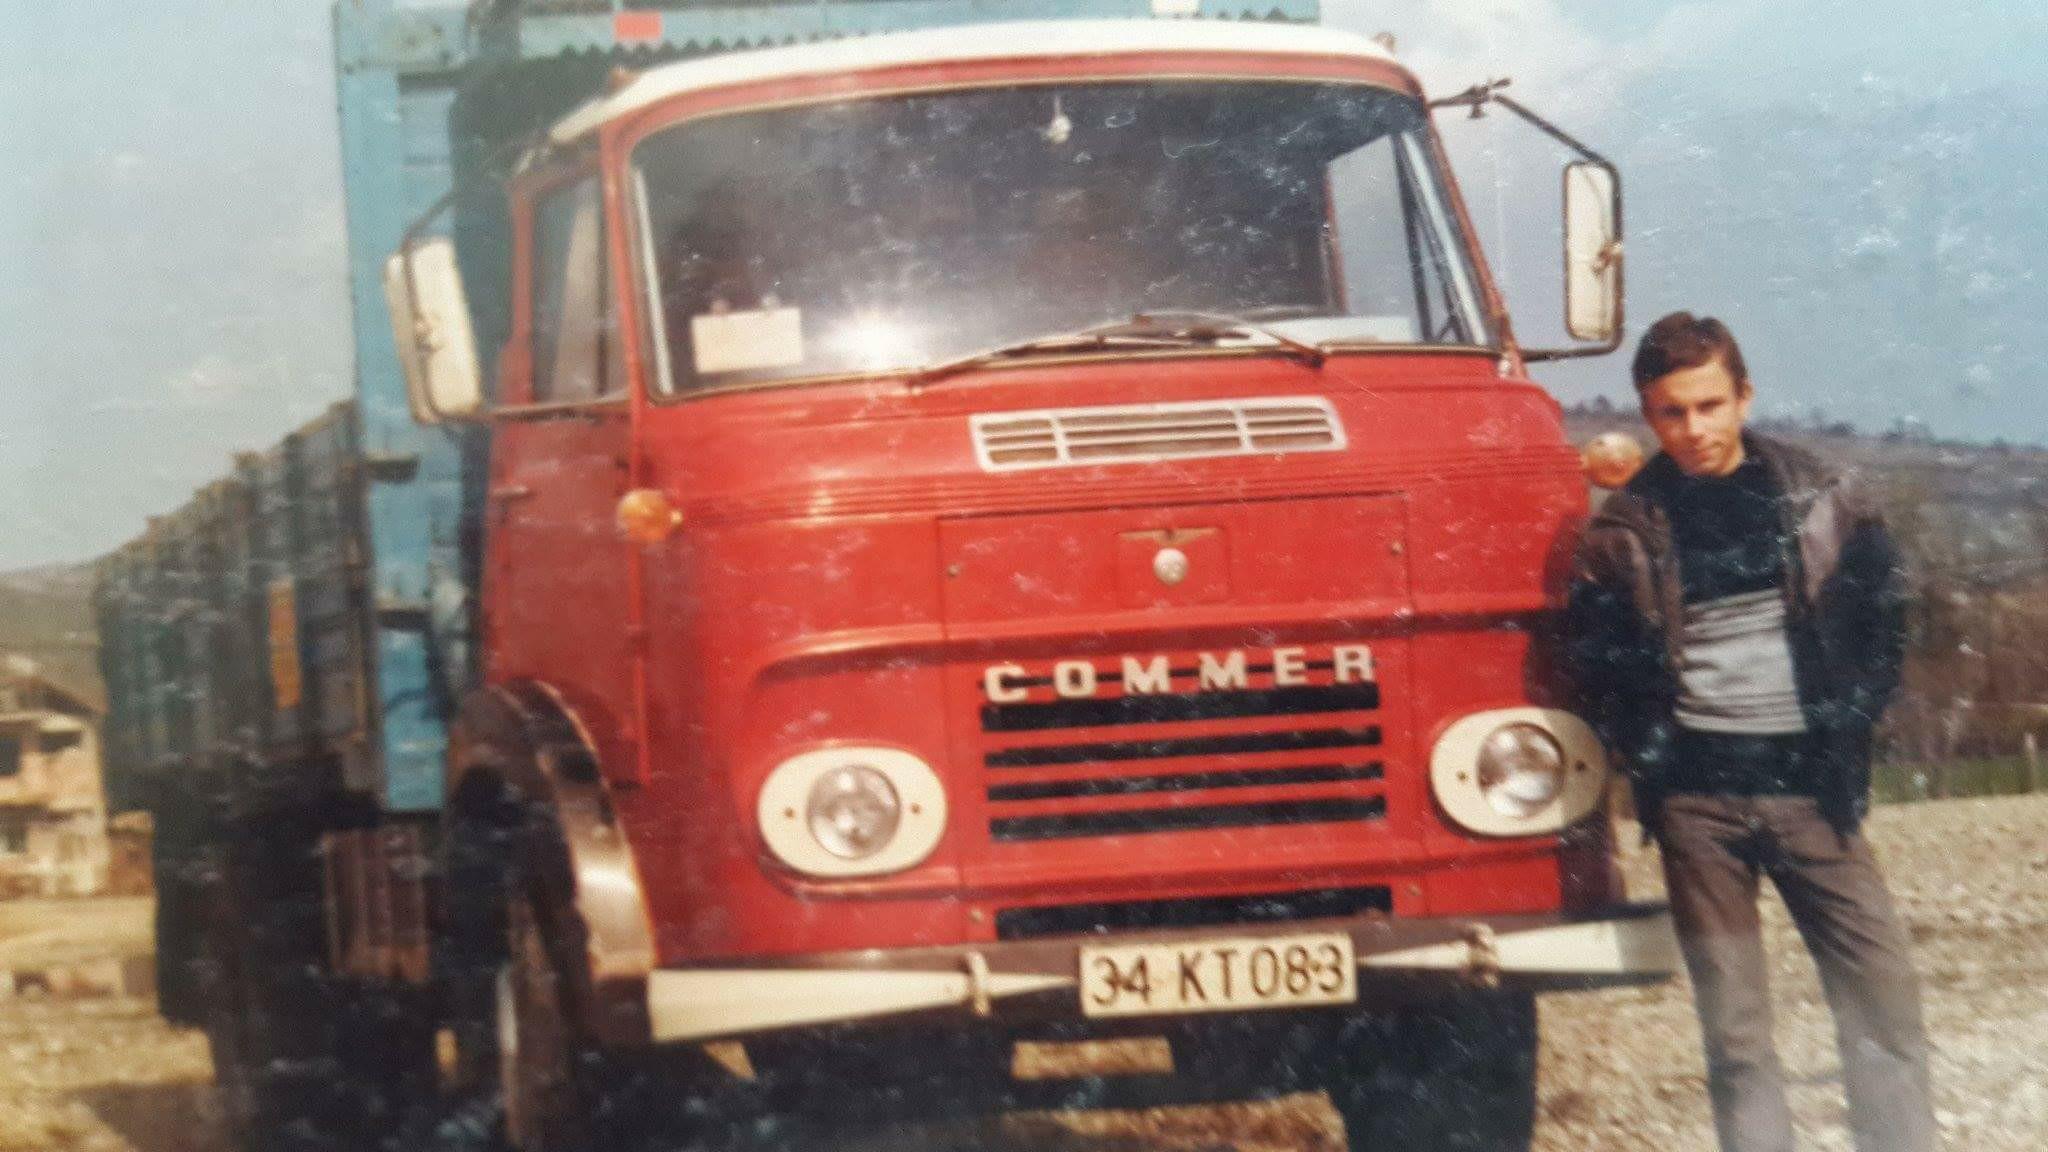 Commer-1